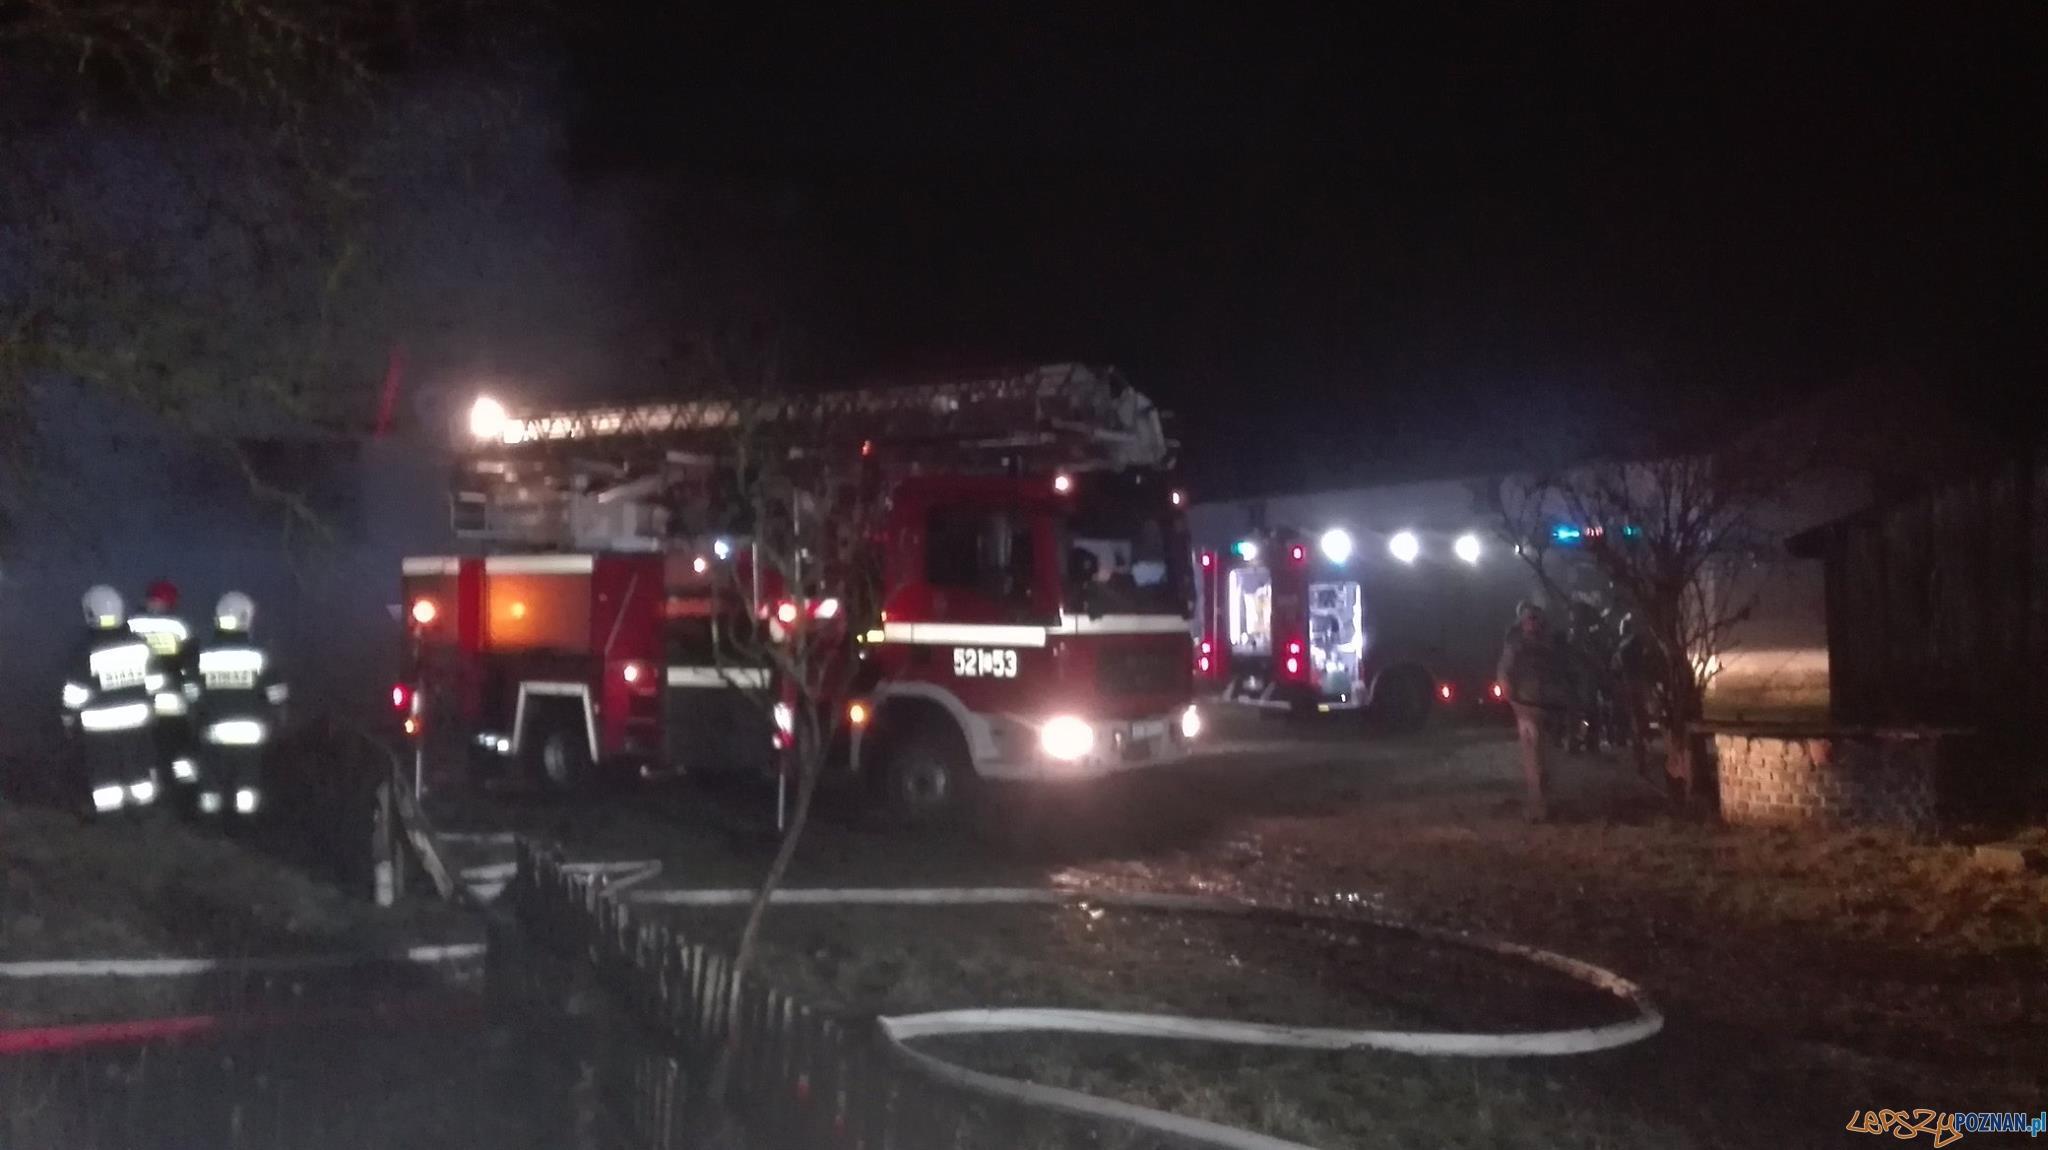 Poranny pożar domu  Foto: OSP Skoki / T. Przykucki, K. Wontroba